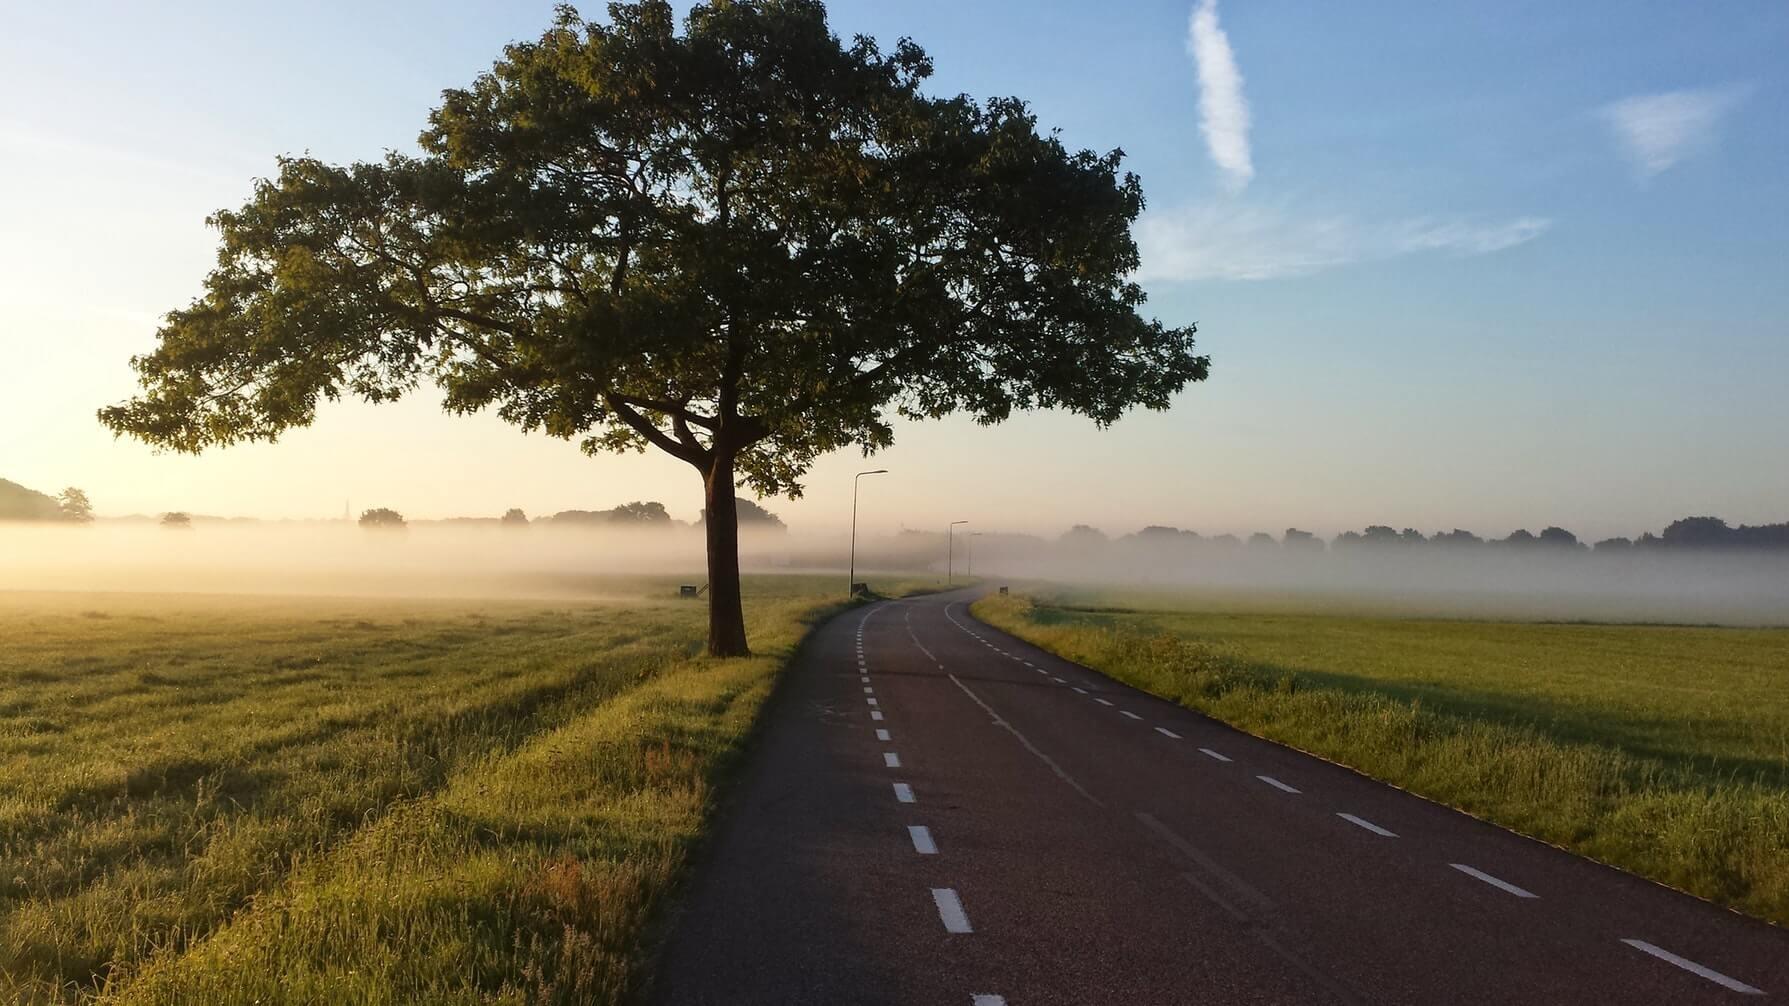 Flot dansk landevej som symbol på elcykel rækkevidde.